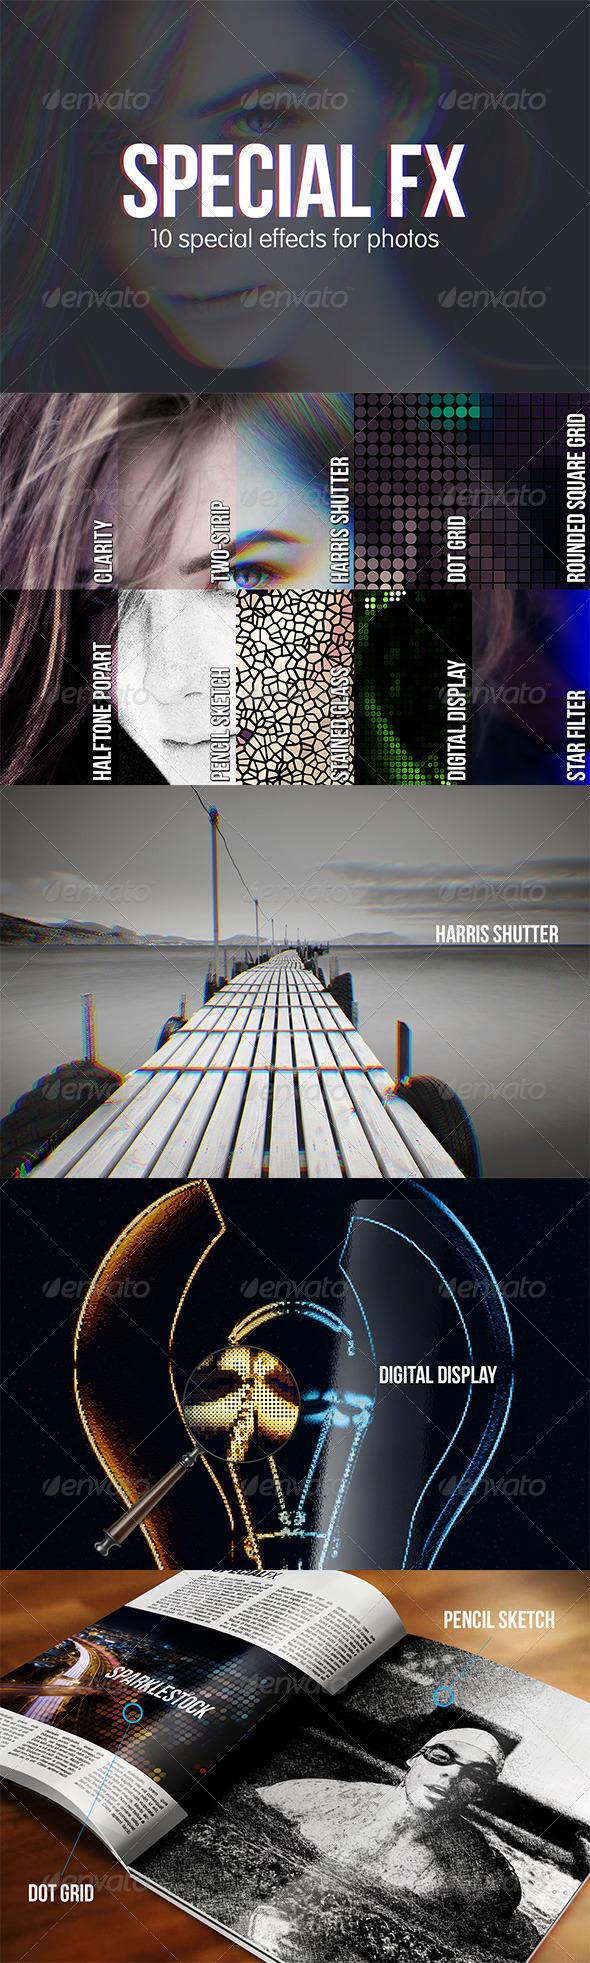 GraphicRiver 10 Special FX for Photos 5197057